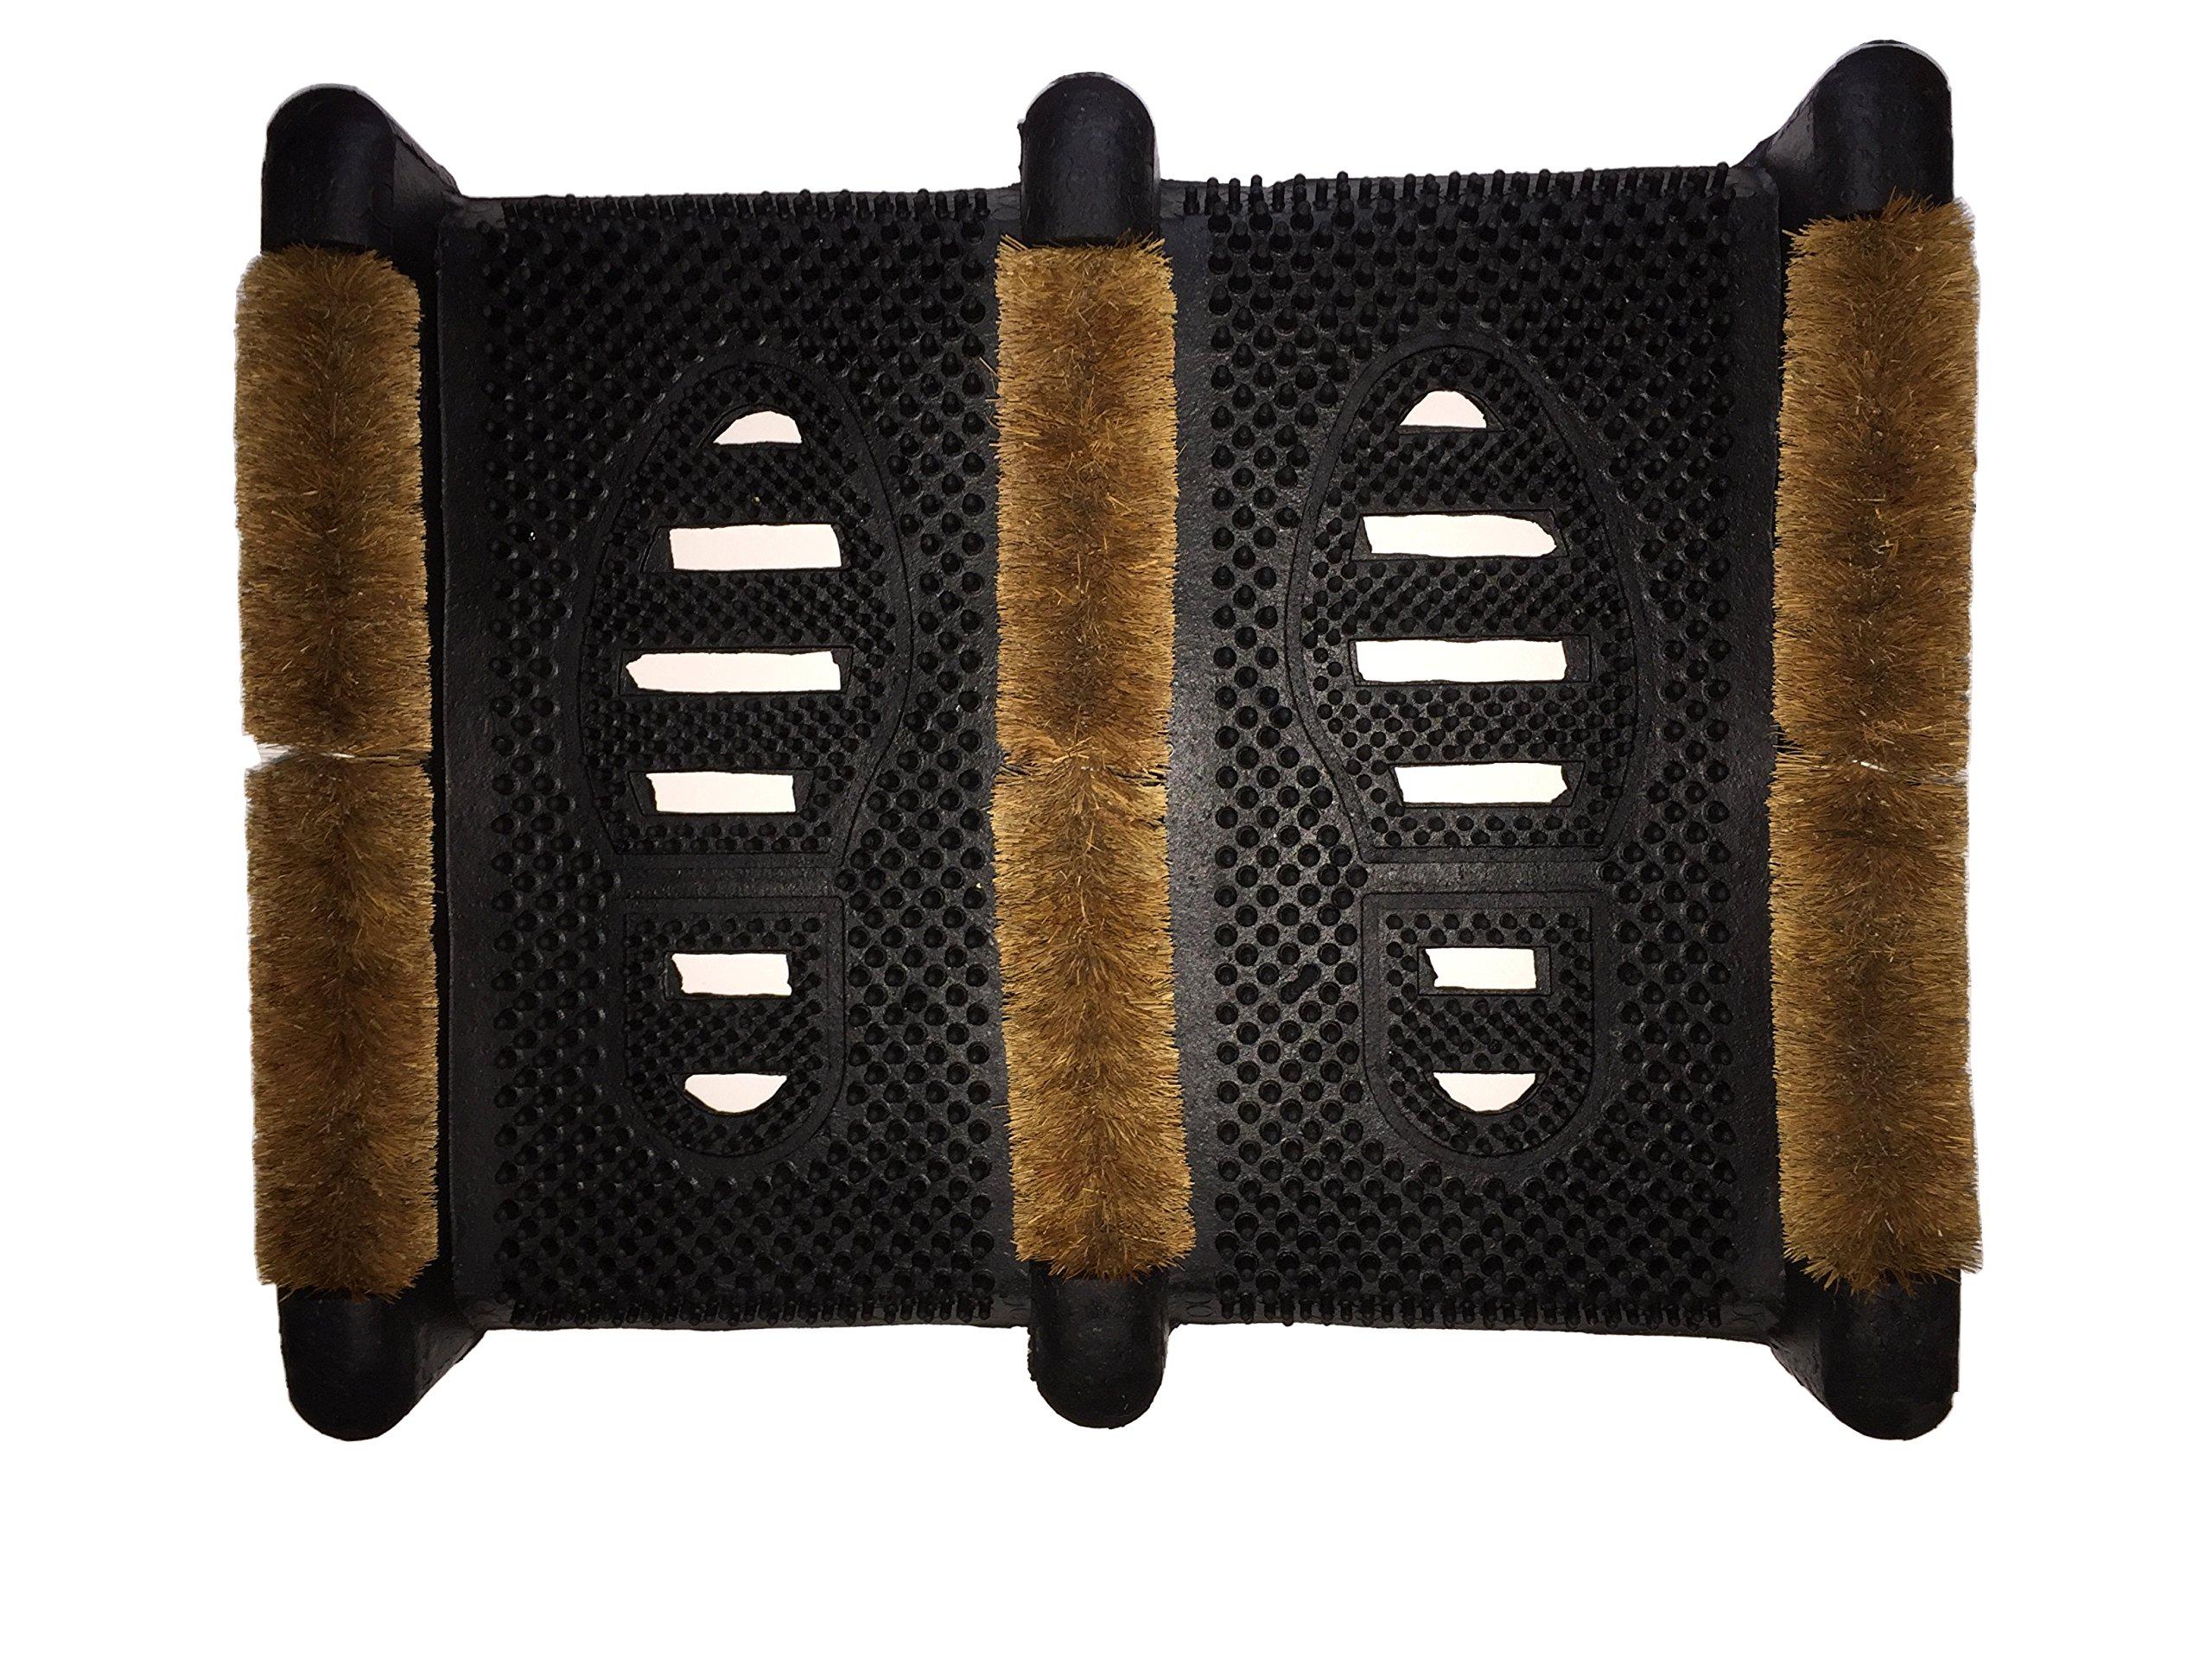 La Deins Rubco Boot Wiper DFG138P Boot Scraper 15.5'' X 12'' X 2.5'' Rubber Boot Scraper with Coir Fiber